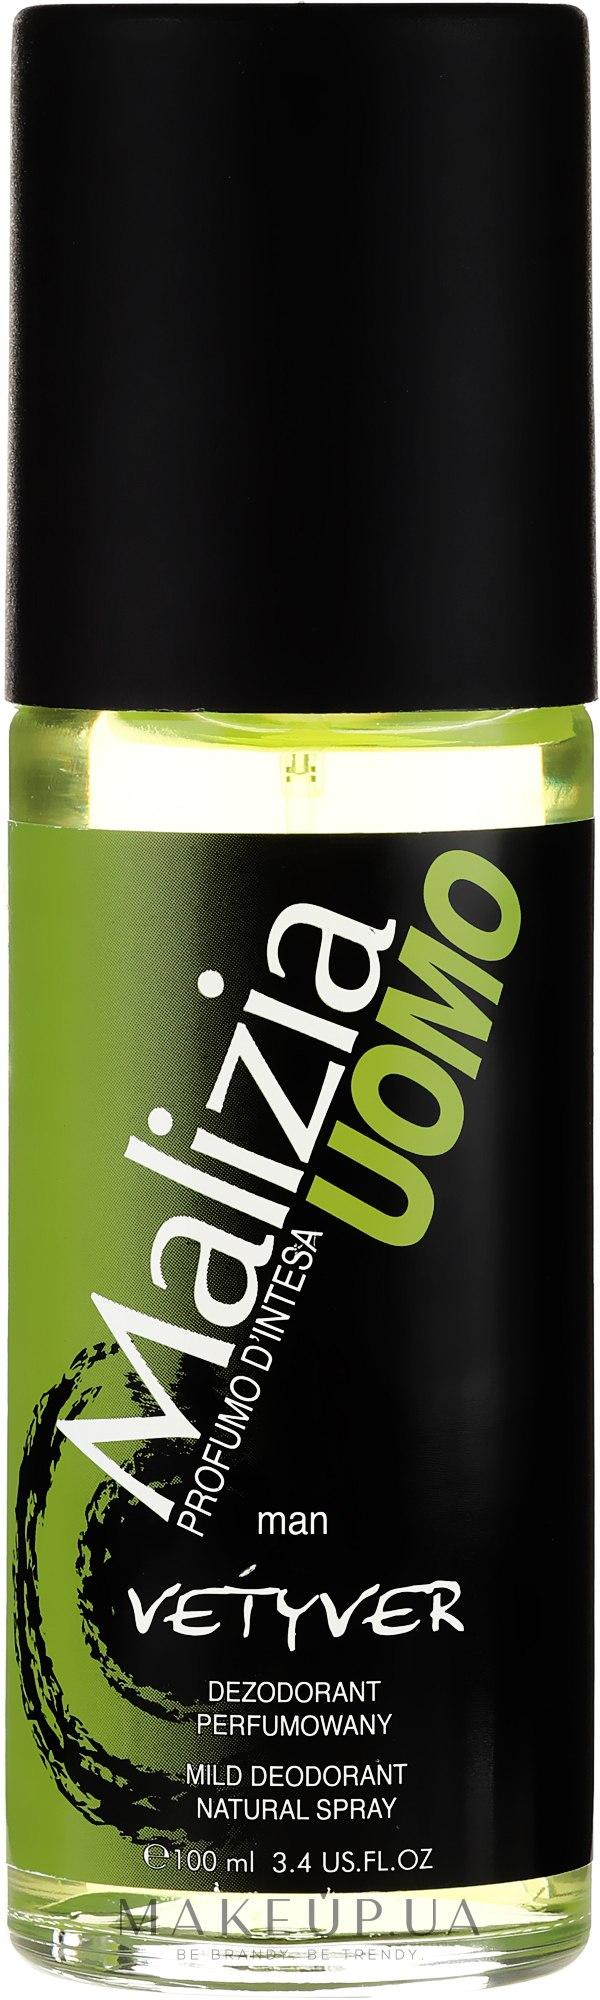 Дезодорант парфюмированный в стекле - Malizia Uomo Vetyver  — фото 100ml